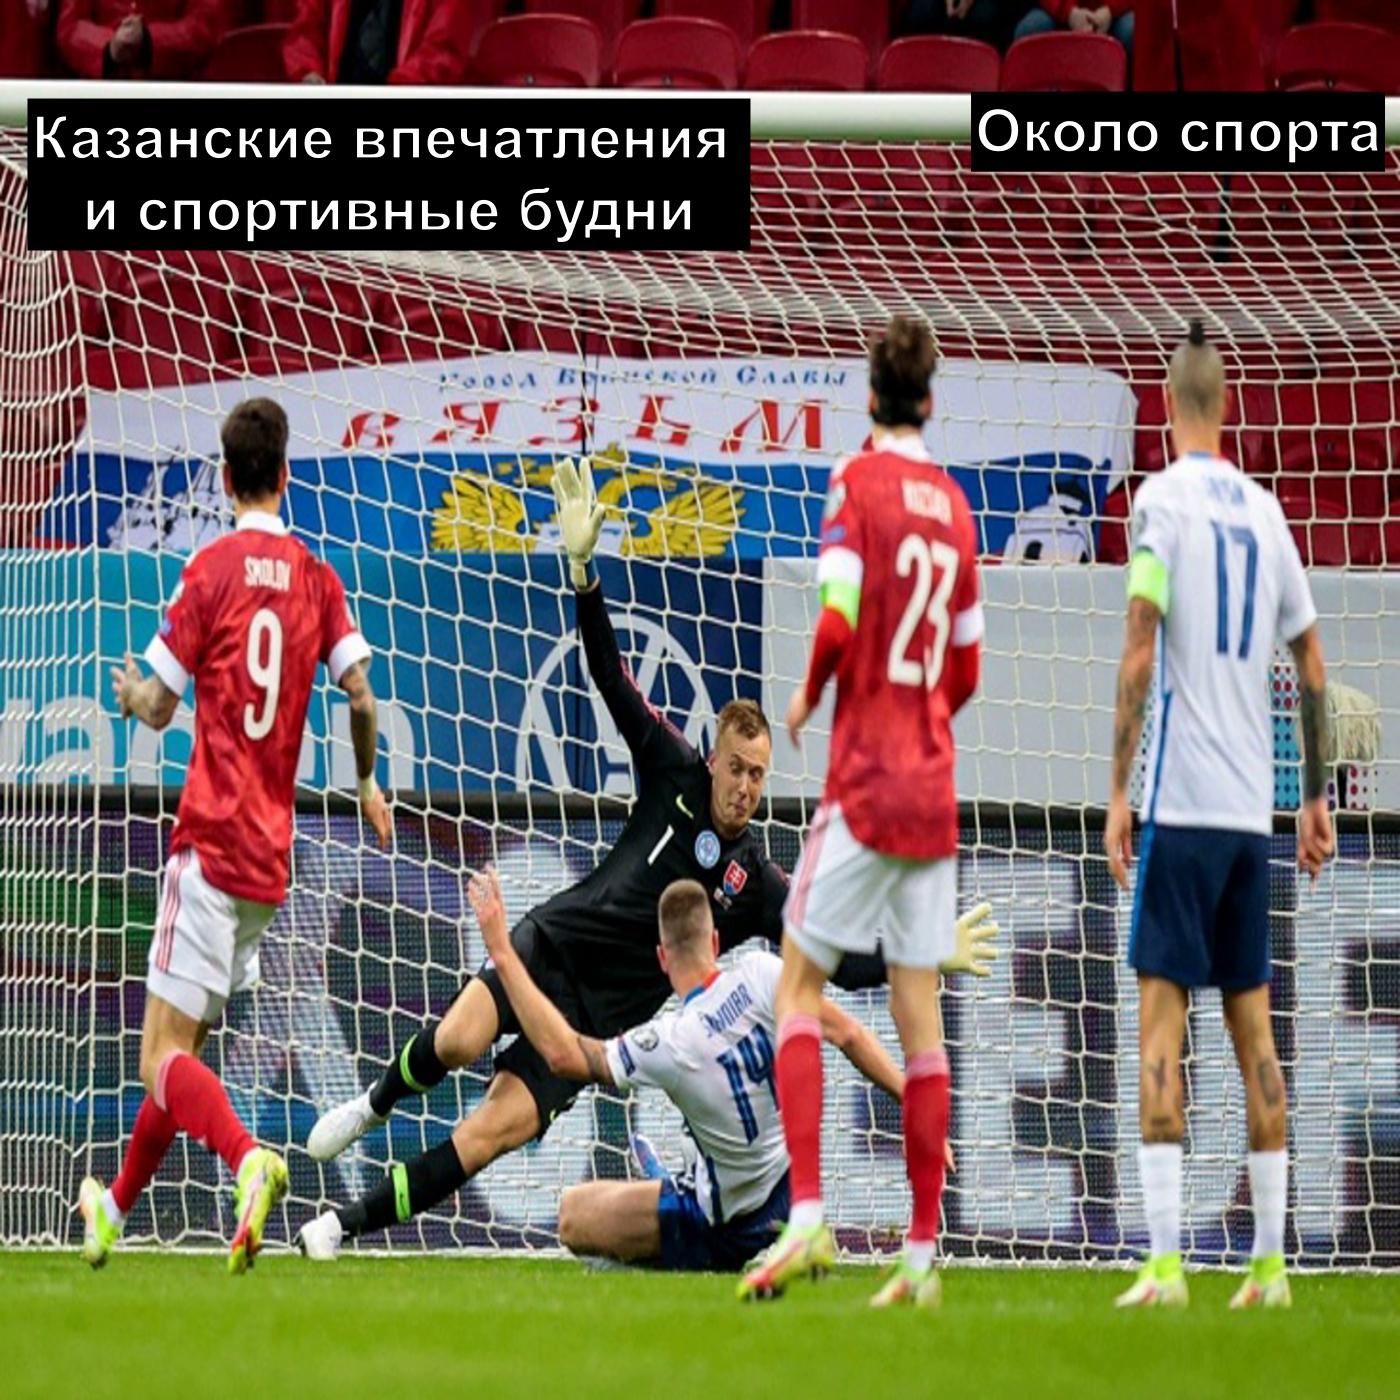 Казанские впечатления и спортивные будни - Около спорта